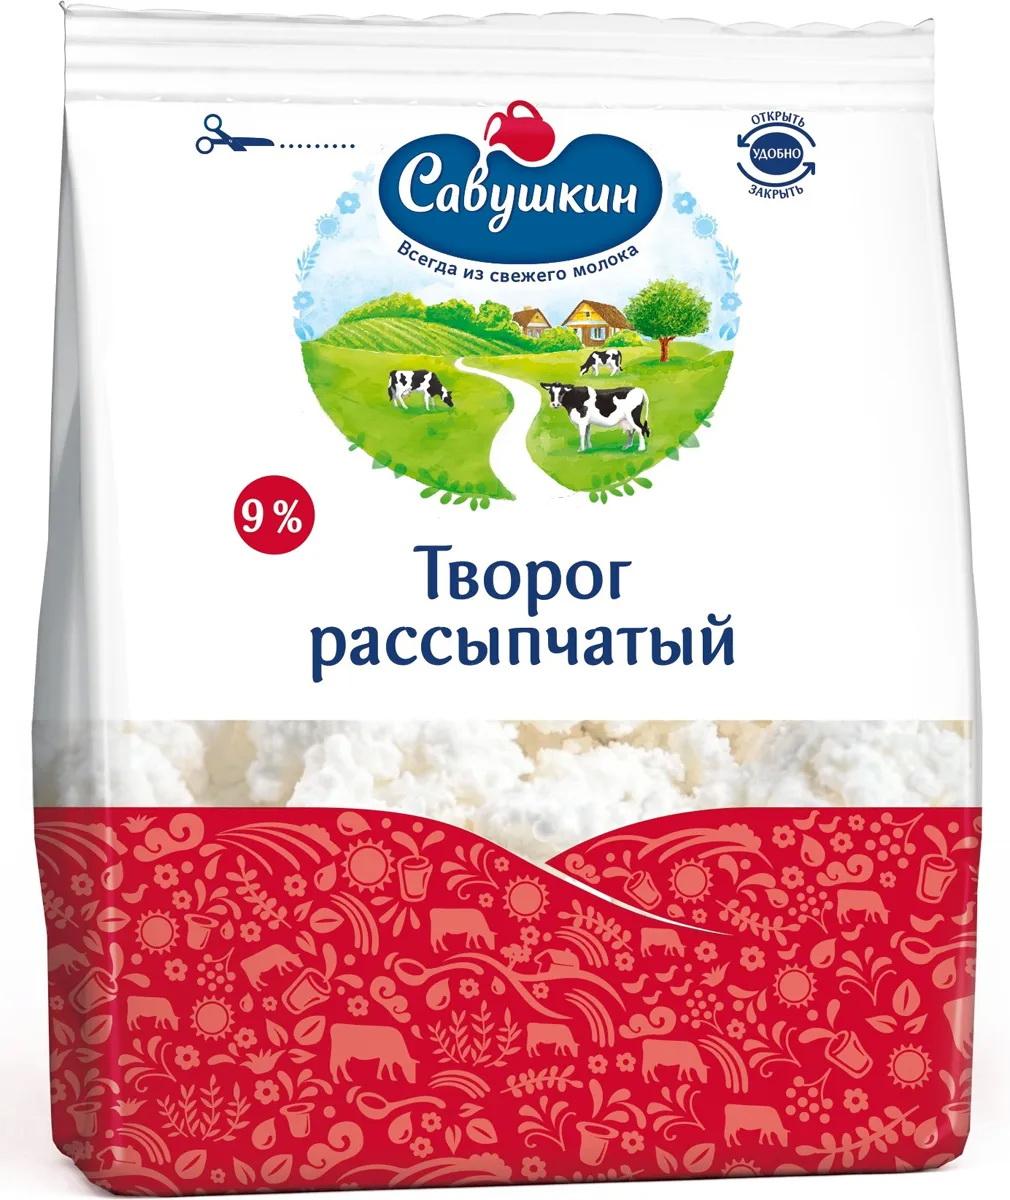 Савушкин хуторок 9%